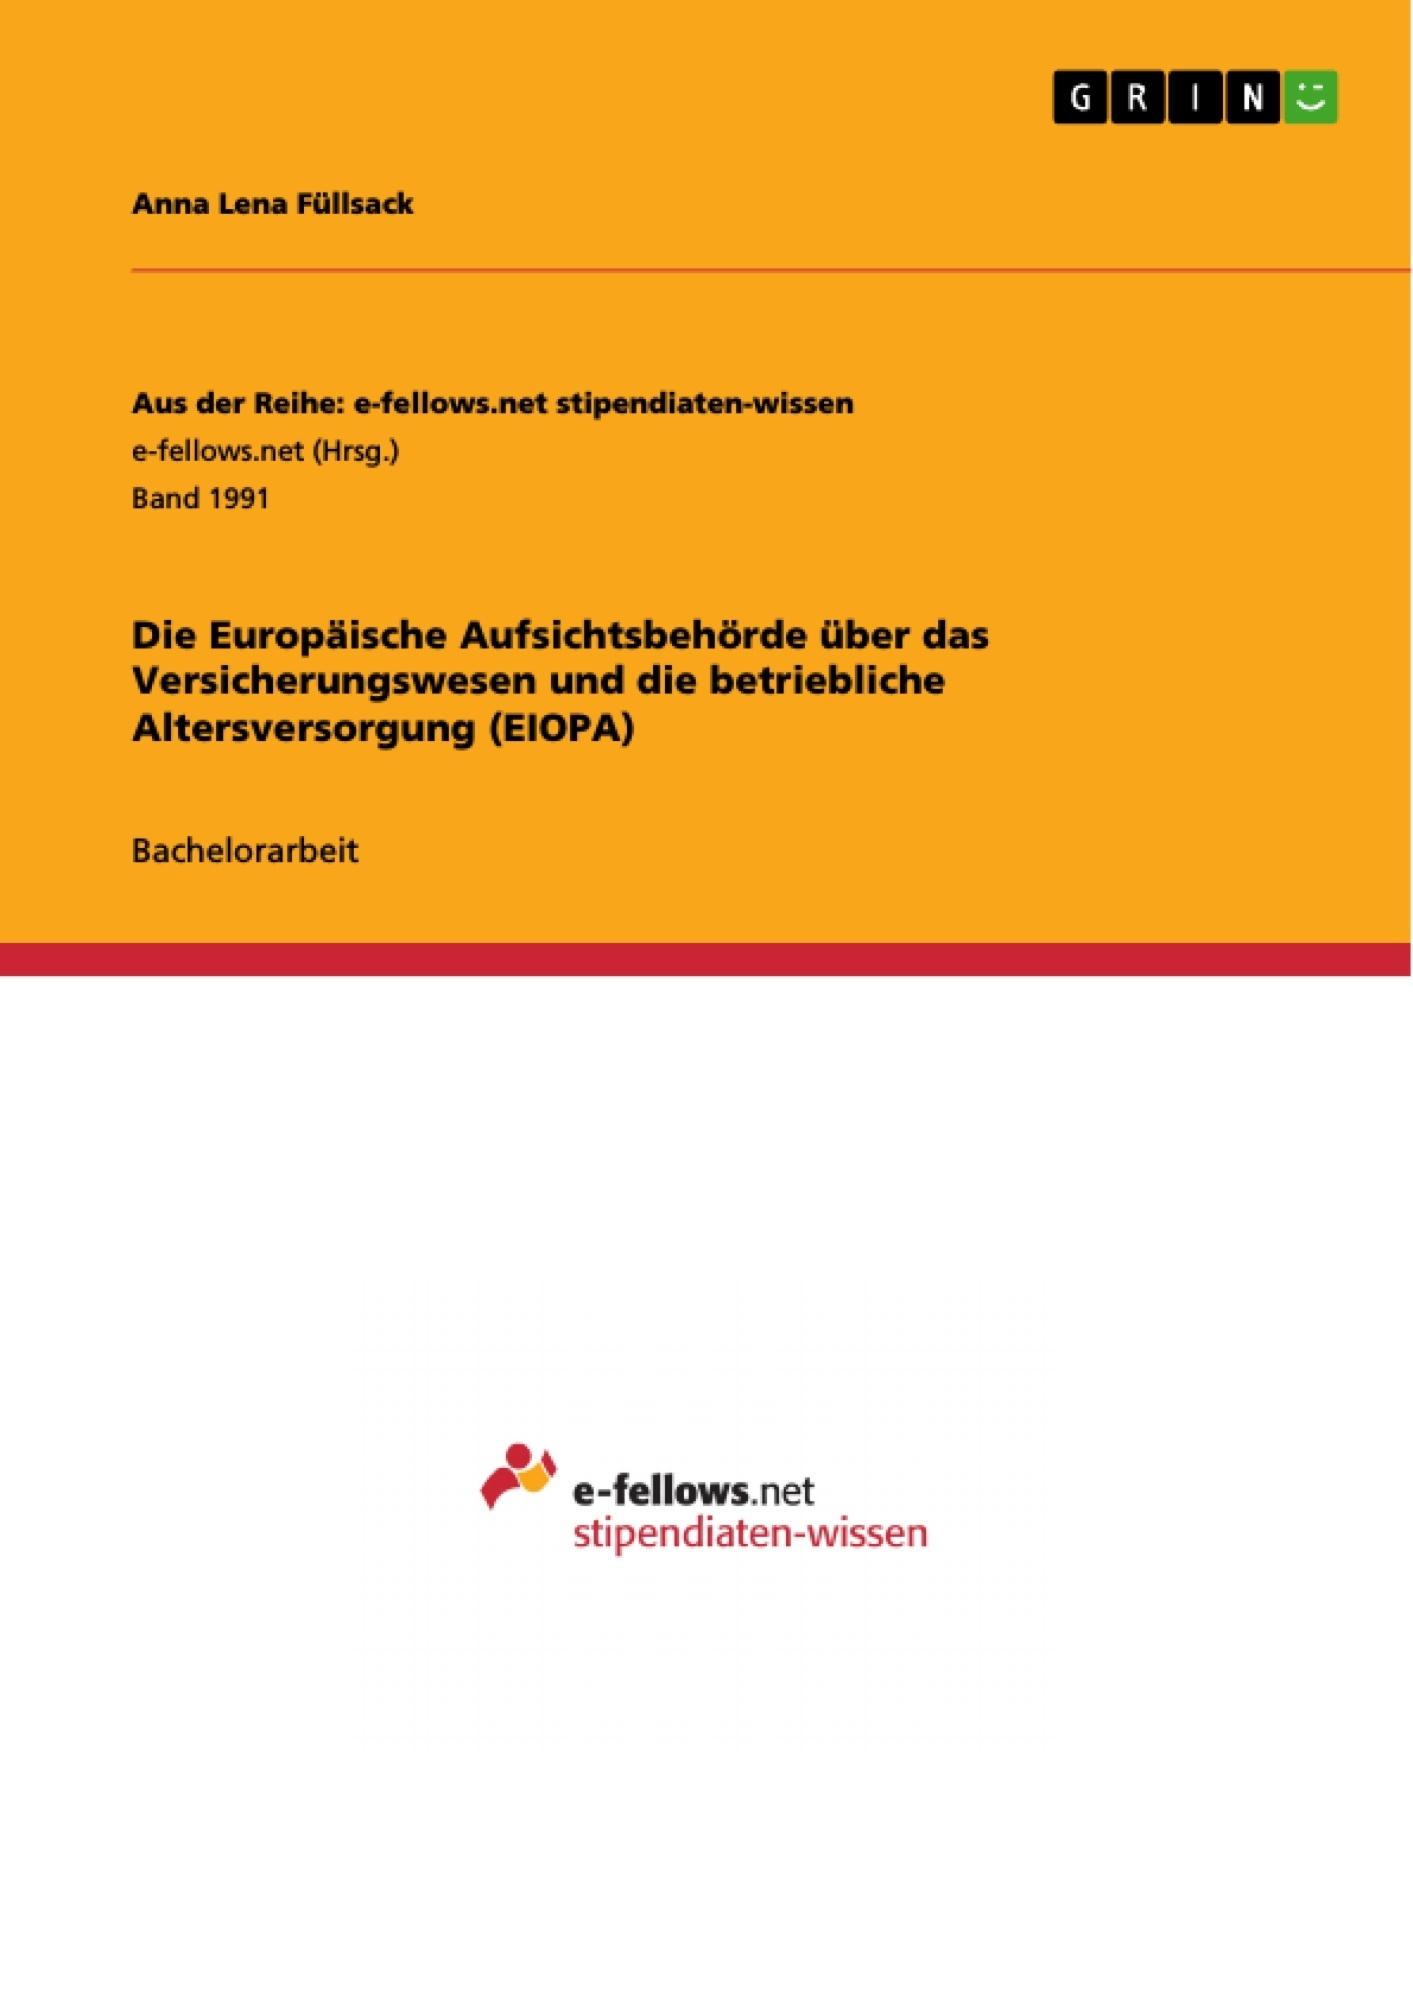 Titel: Die Europäische Aufsichtsbehörde über das Versicherungswesen und die betriebliche Altersversorgung (EIOPA)